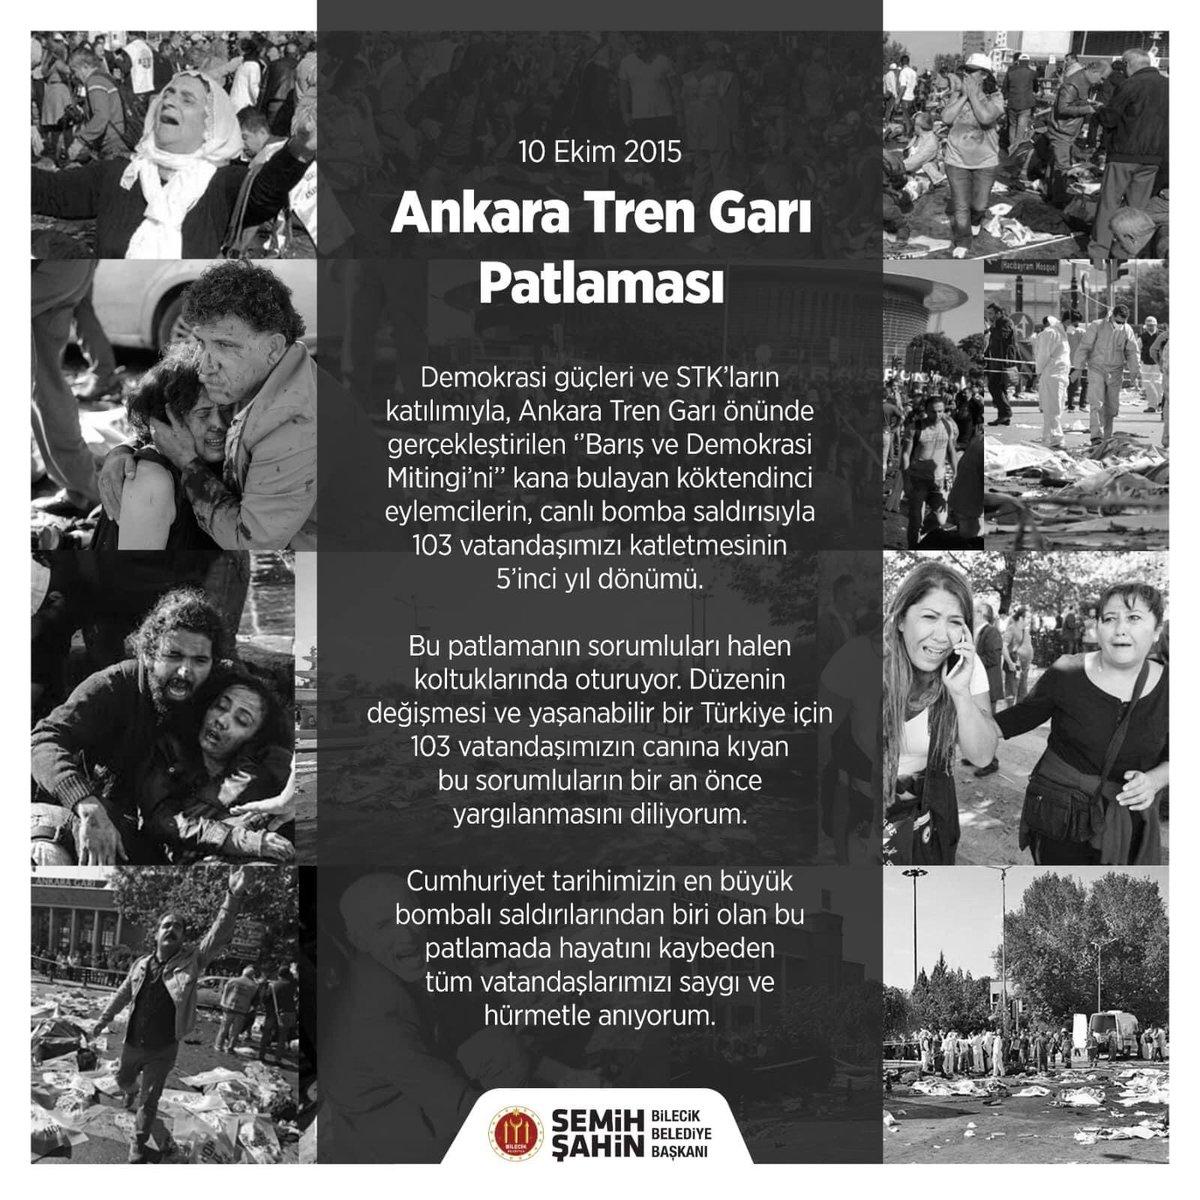 Ankara Tren Garı önünde gerçekleştirilen ''Barış ve Demokrasi Mitingi'nde 103 vatandaşımızın katledilmesinin 5'inci yıl dönümü.   Cumhuriyet tarihimizin en büyük bombalı saldırılarından biri olan bu patlamanın tüm kurbanlarını saygı ve hürmetle anıyoruz.  #10EkimiUnutmaUnutturma https://t.co/U6mgo9GNX6